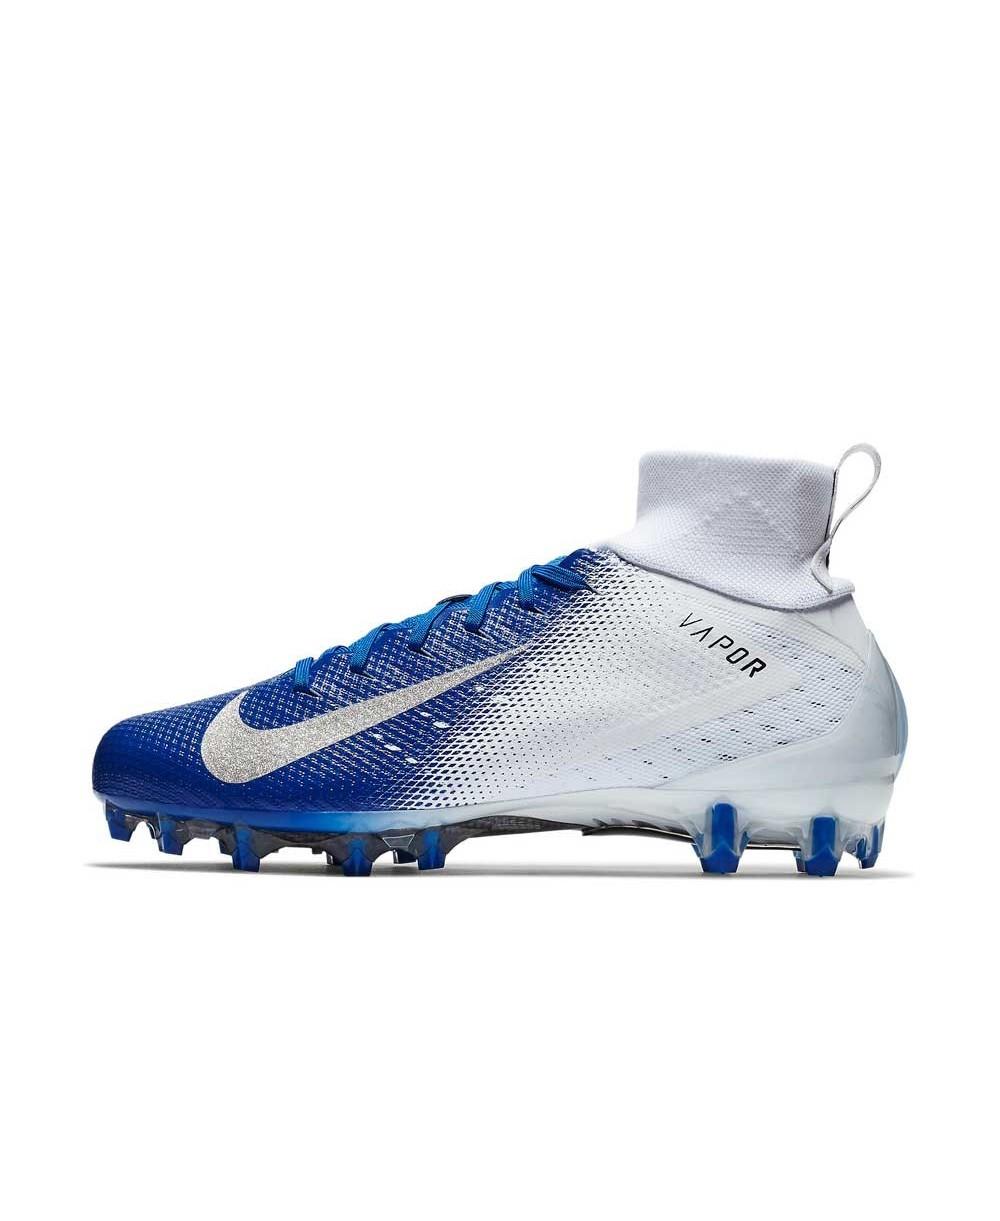 best cheap 11e7e e1b2b Nike Vapor Untouchable 3 Pro Crampons de Football Américain Homme W...